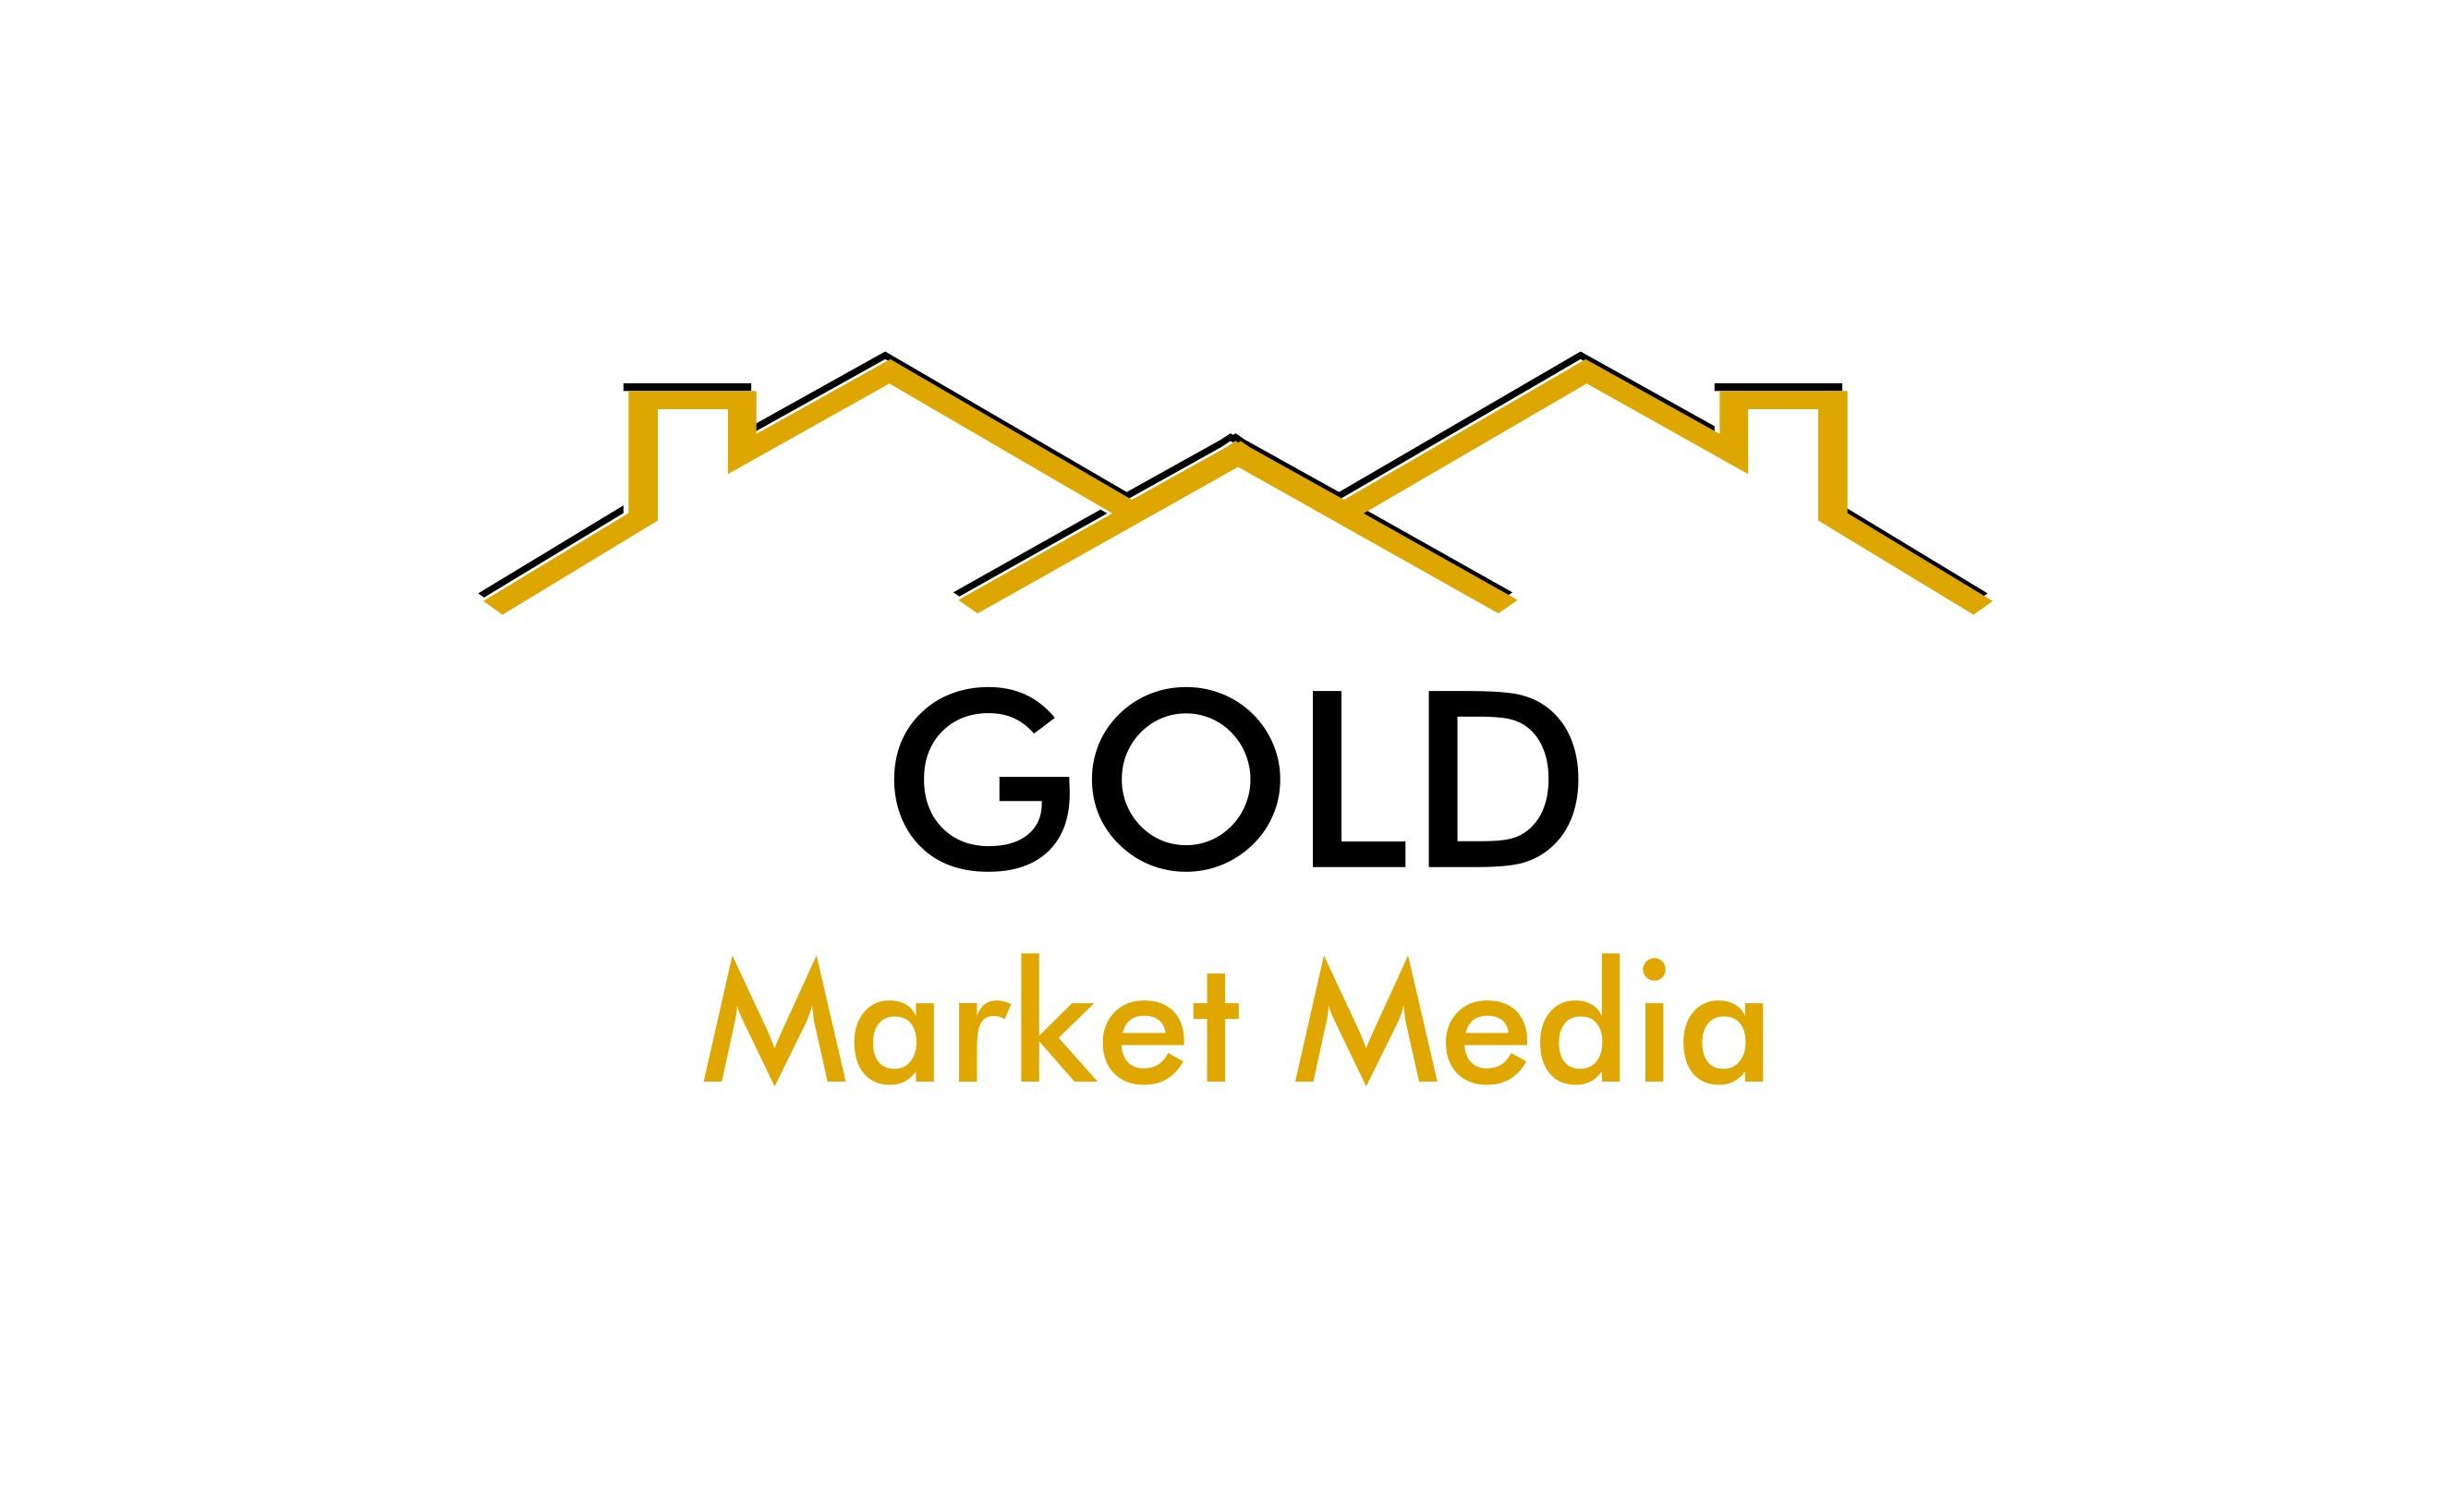 GOLD Market Media